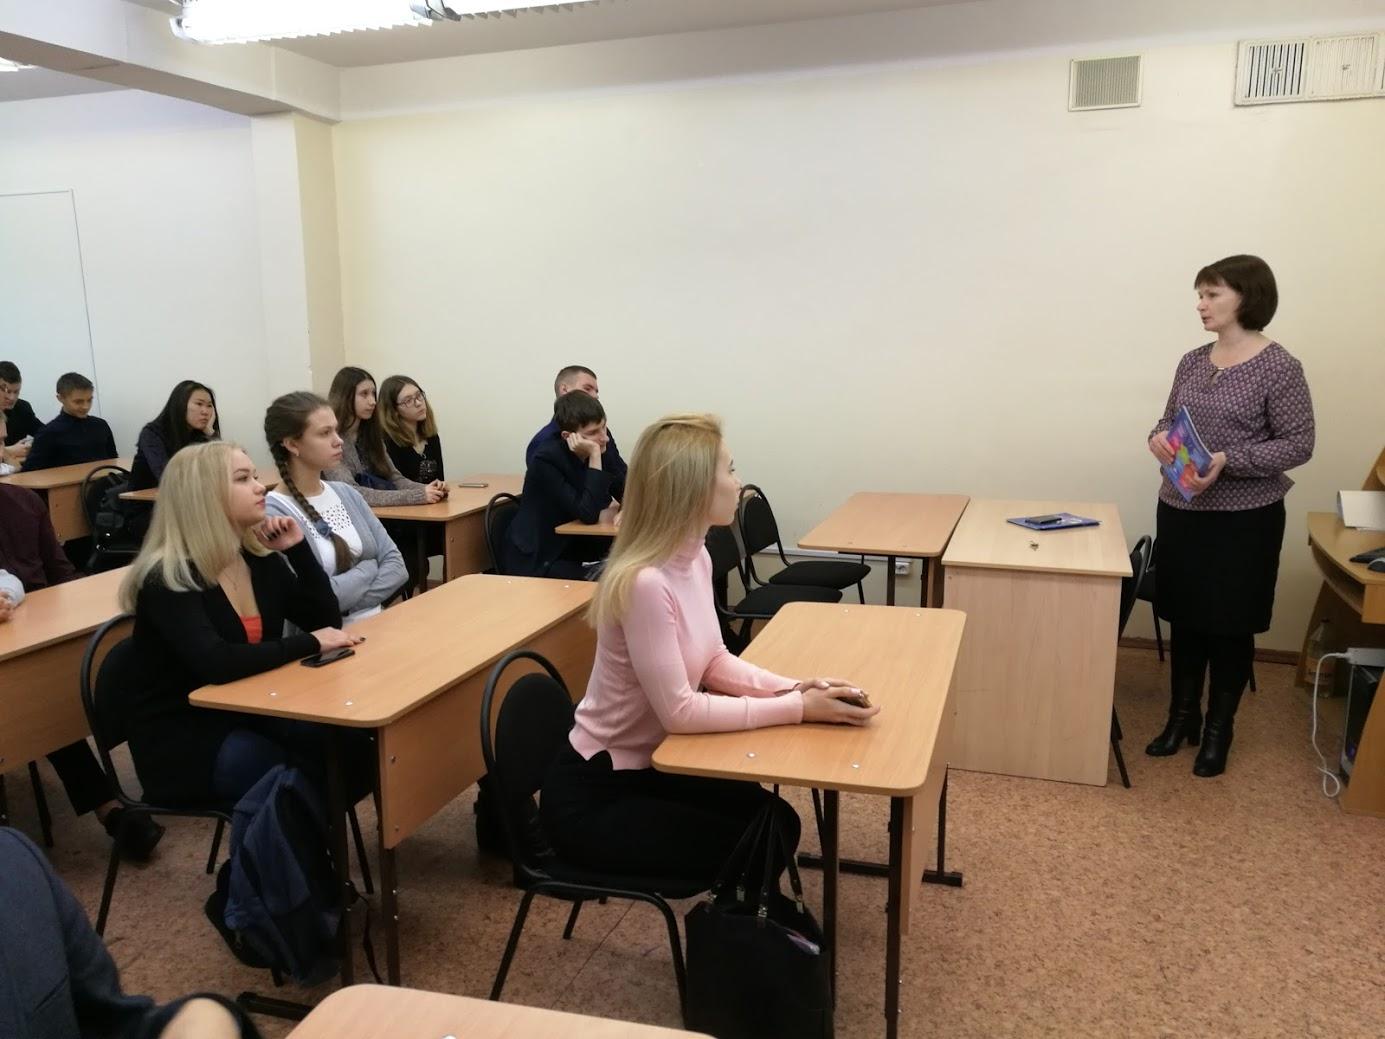 Встреча десятиклассников с представителем пенсионного фонда, 25.12.2017 года